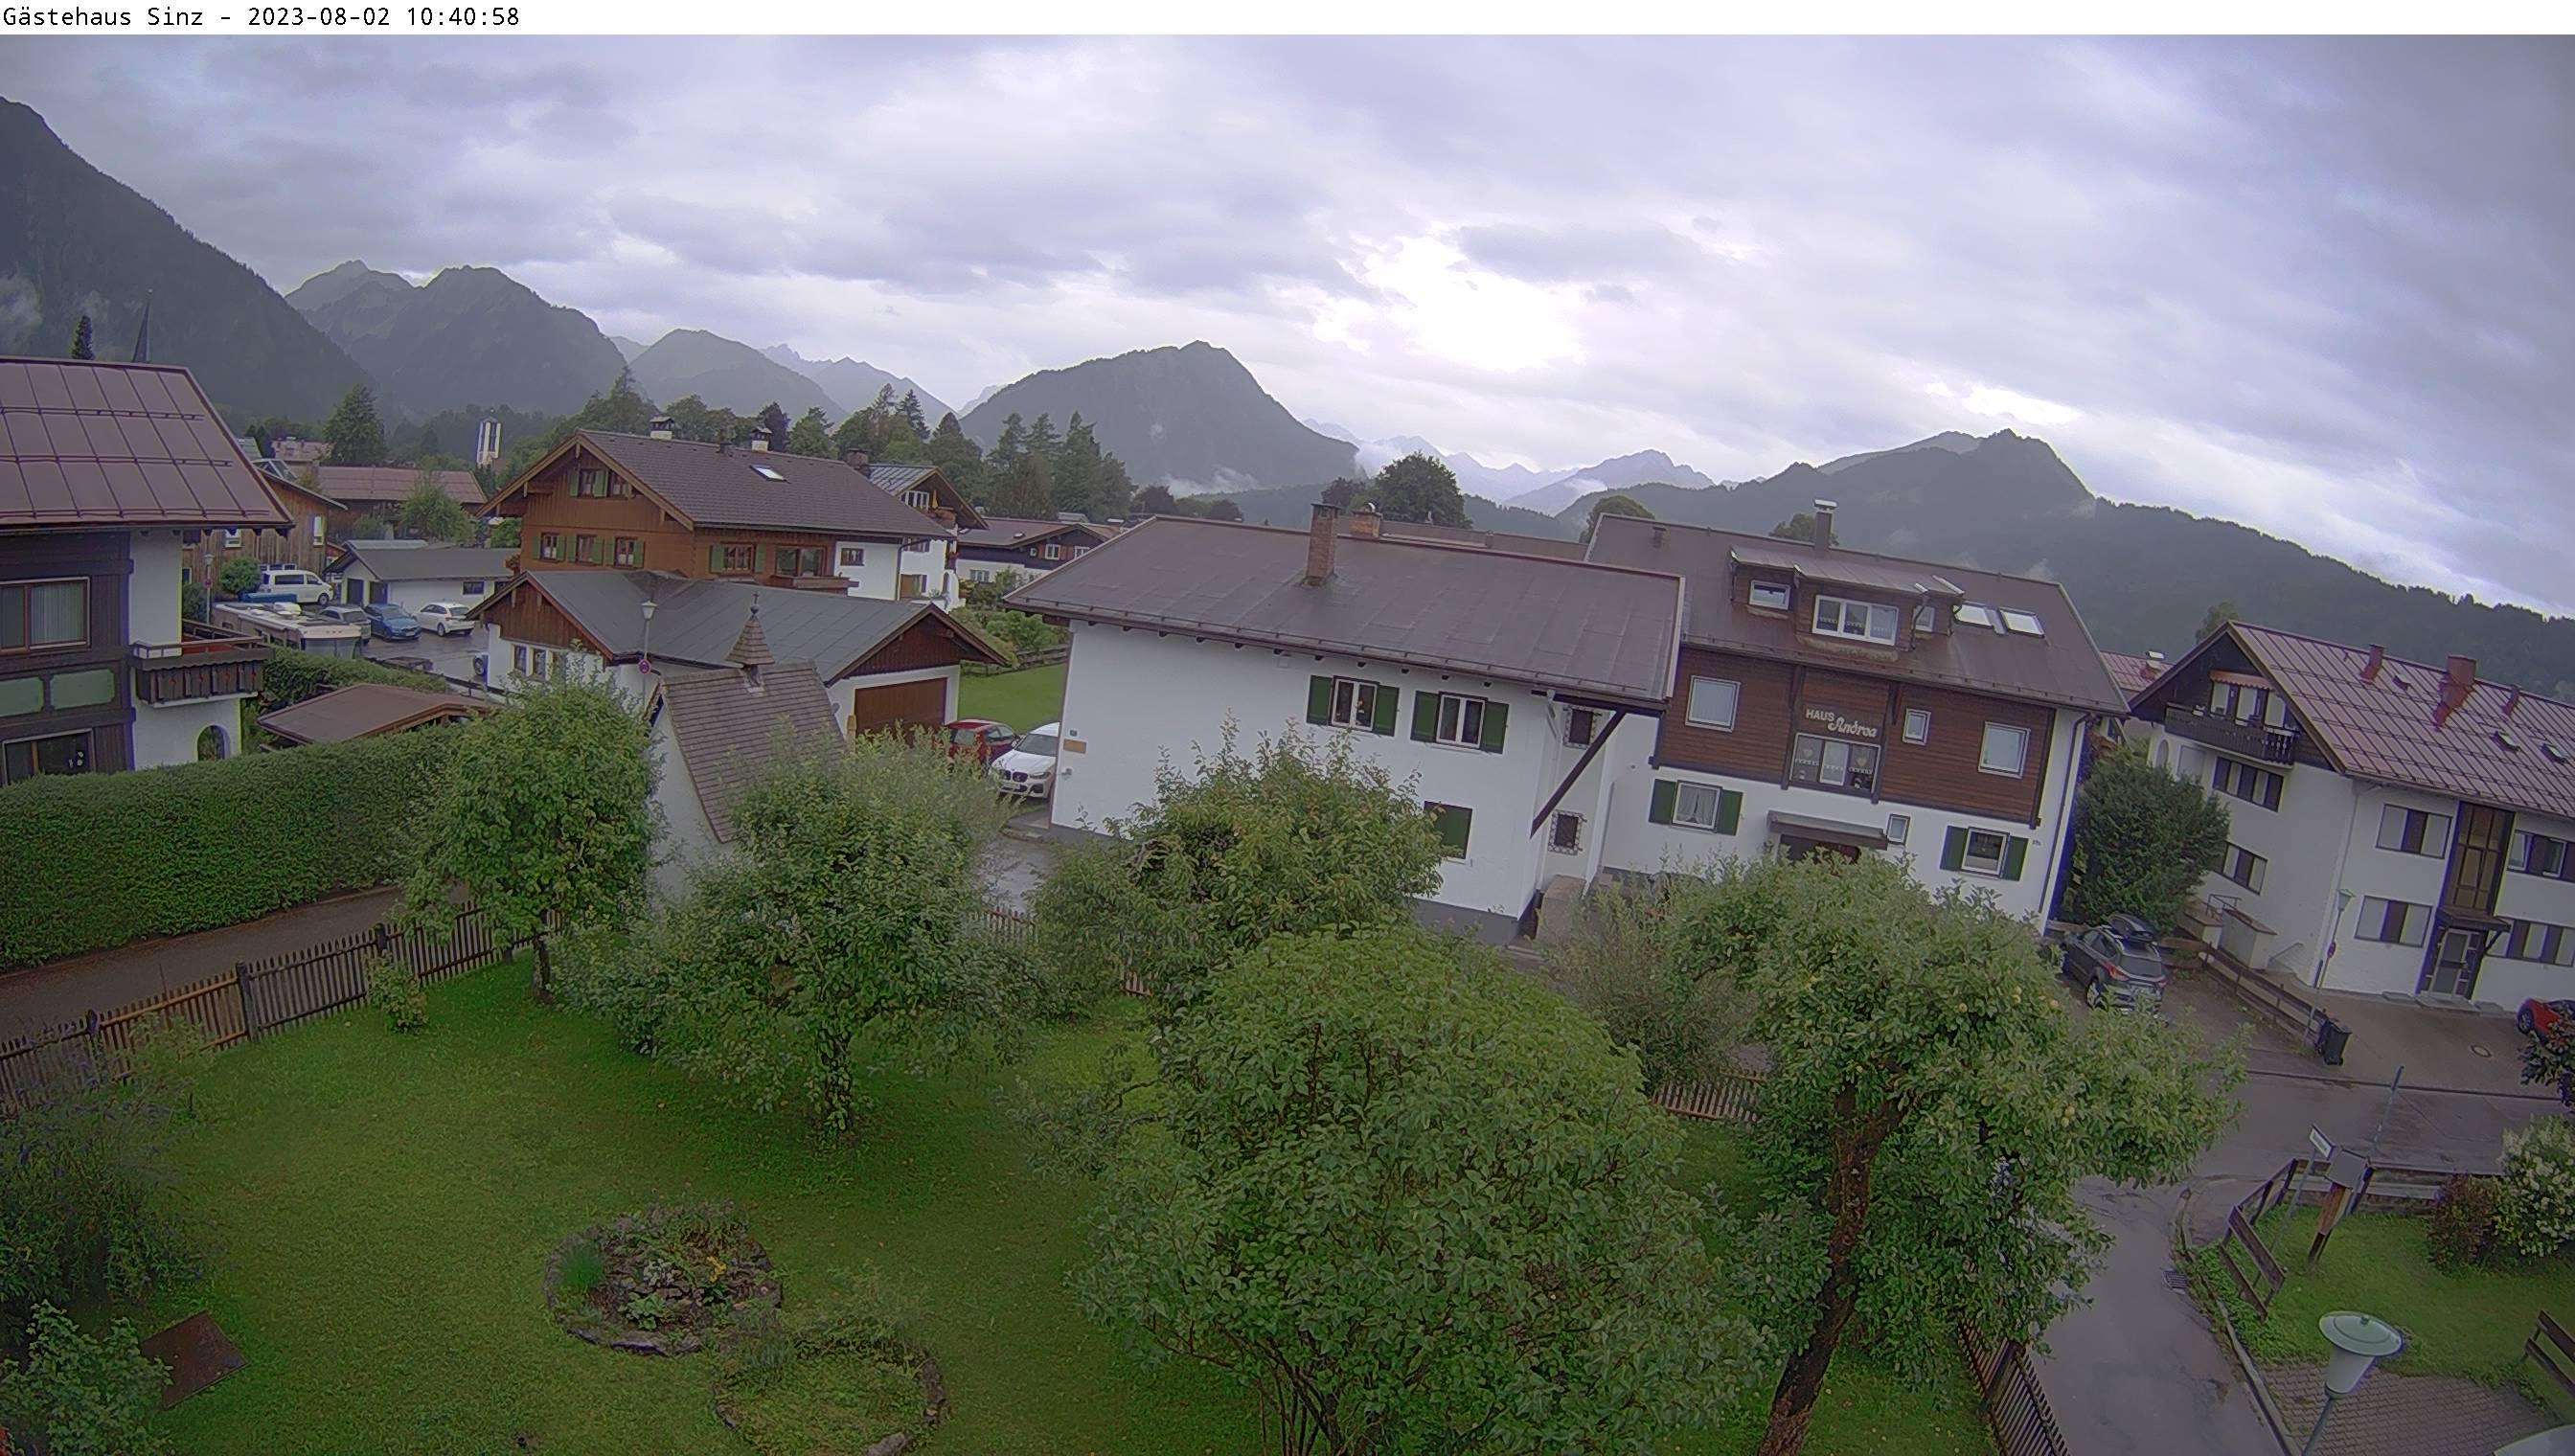 Webcam Gästehaus Sinz